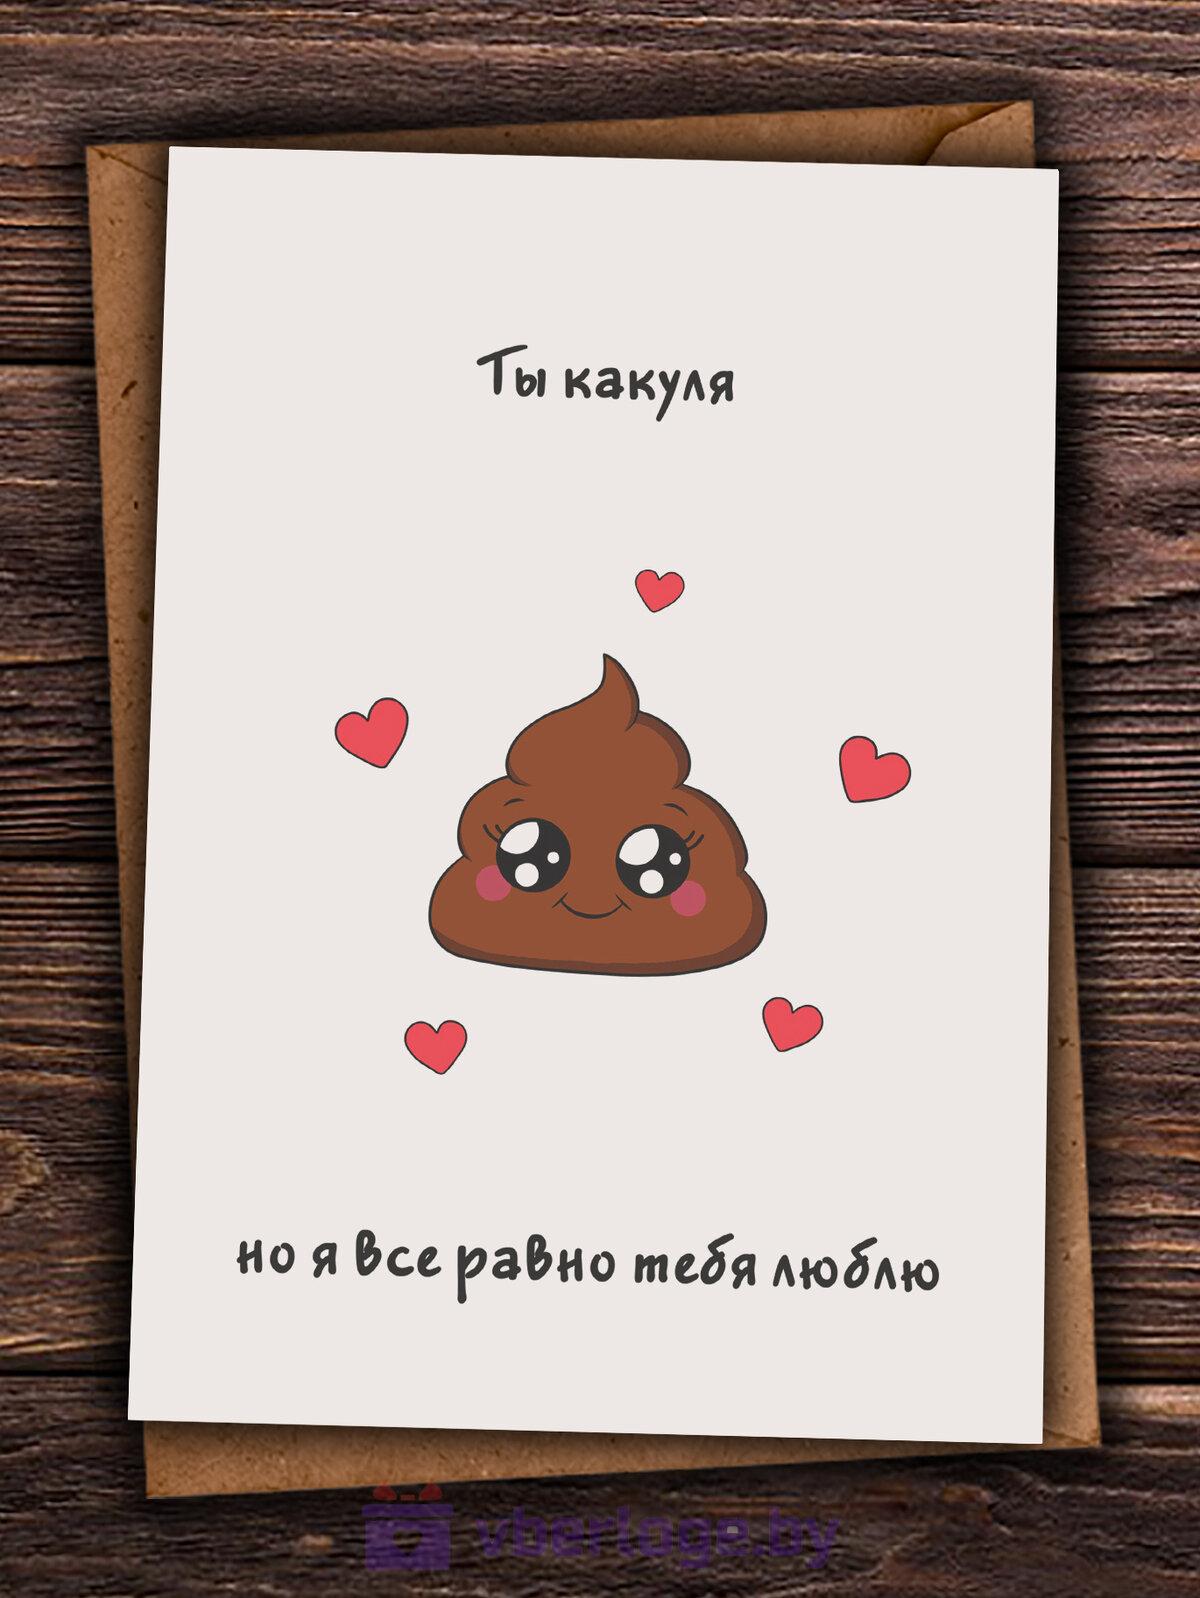 маленькие открытки друзьям нашей статьи